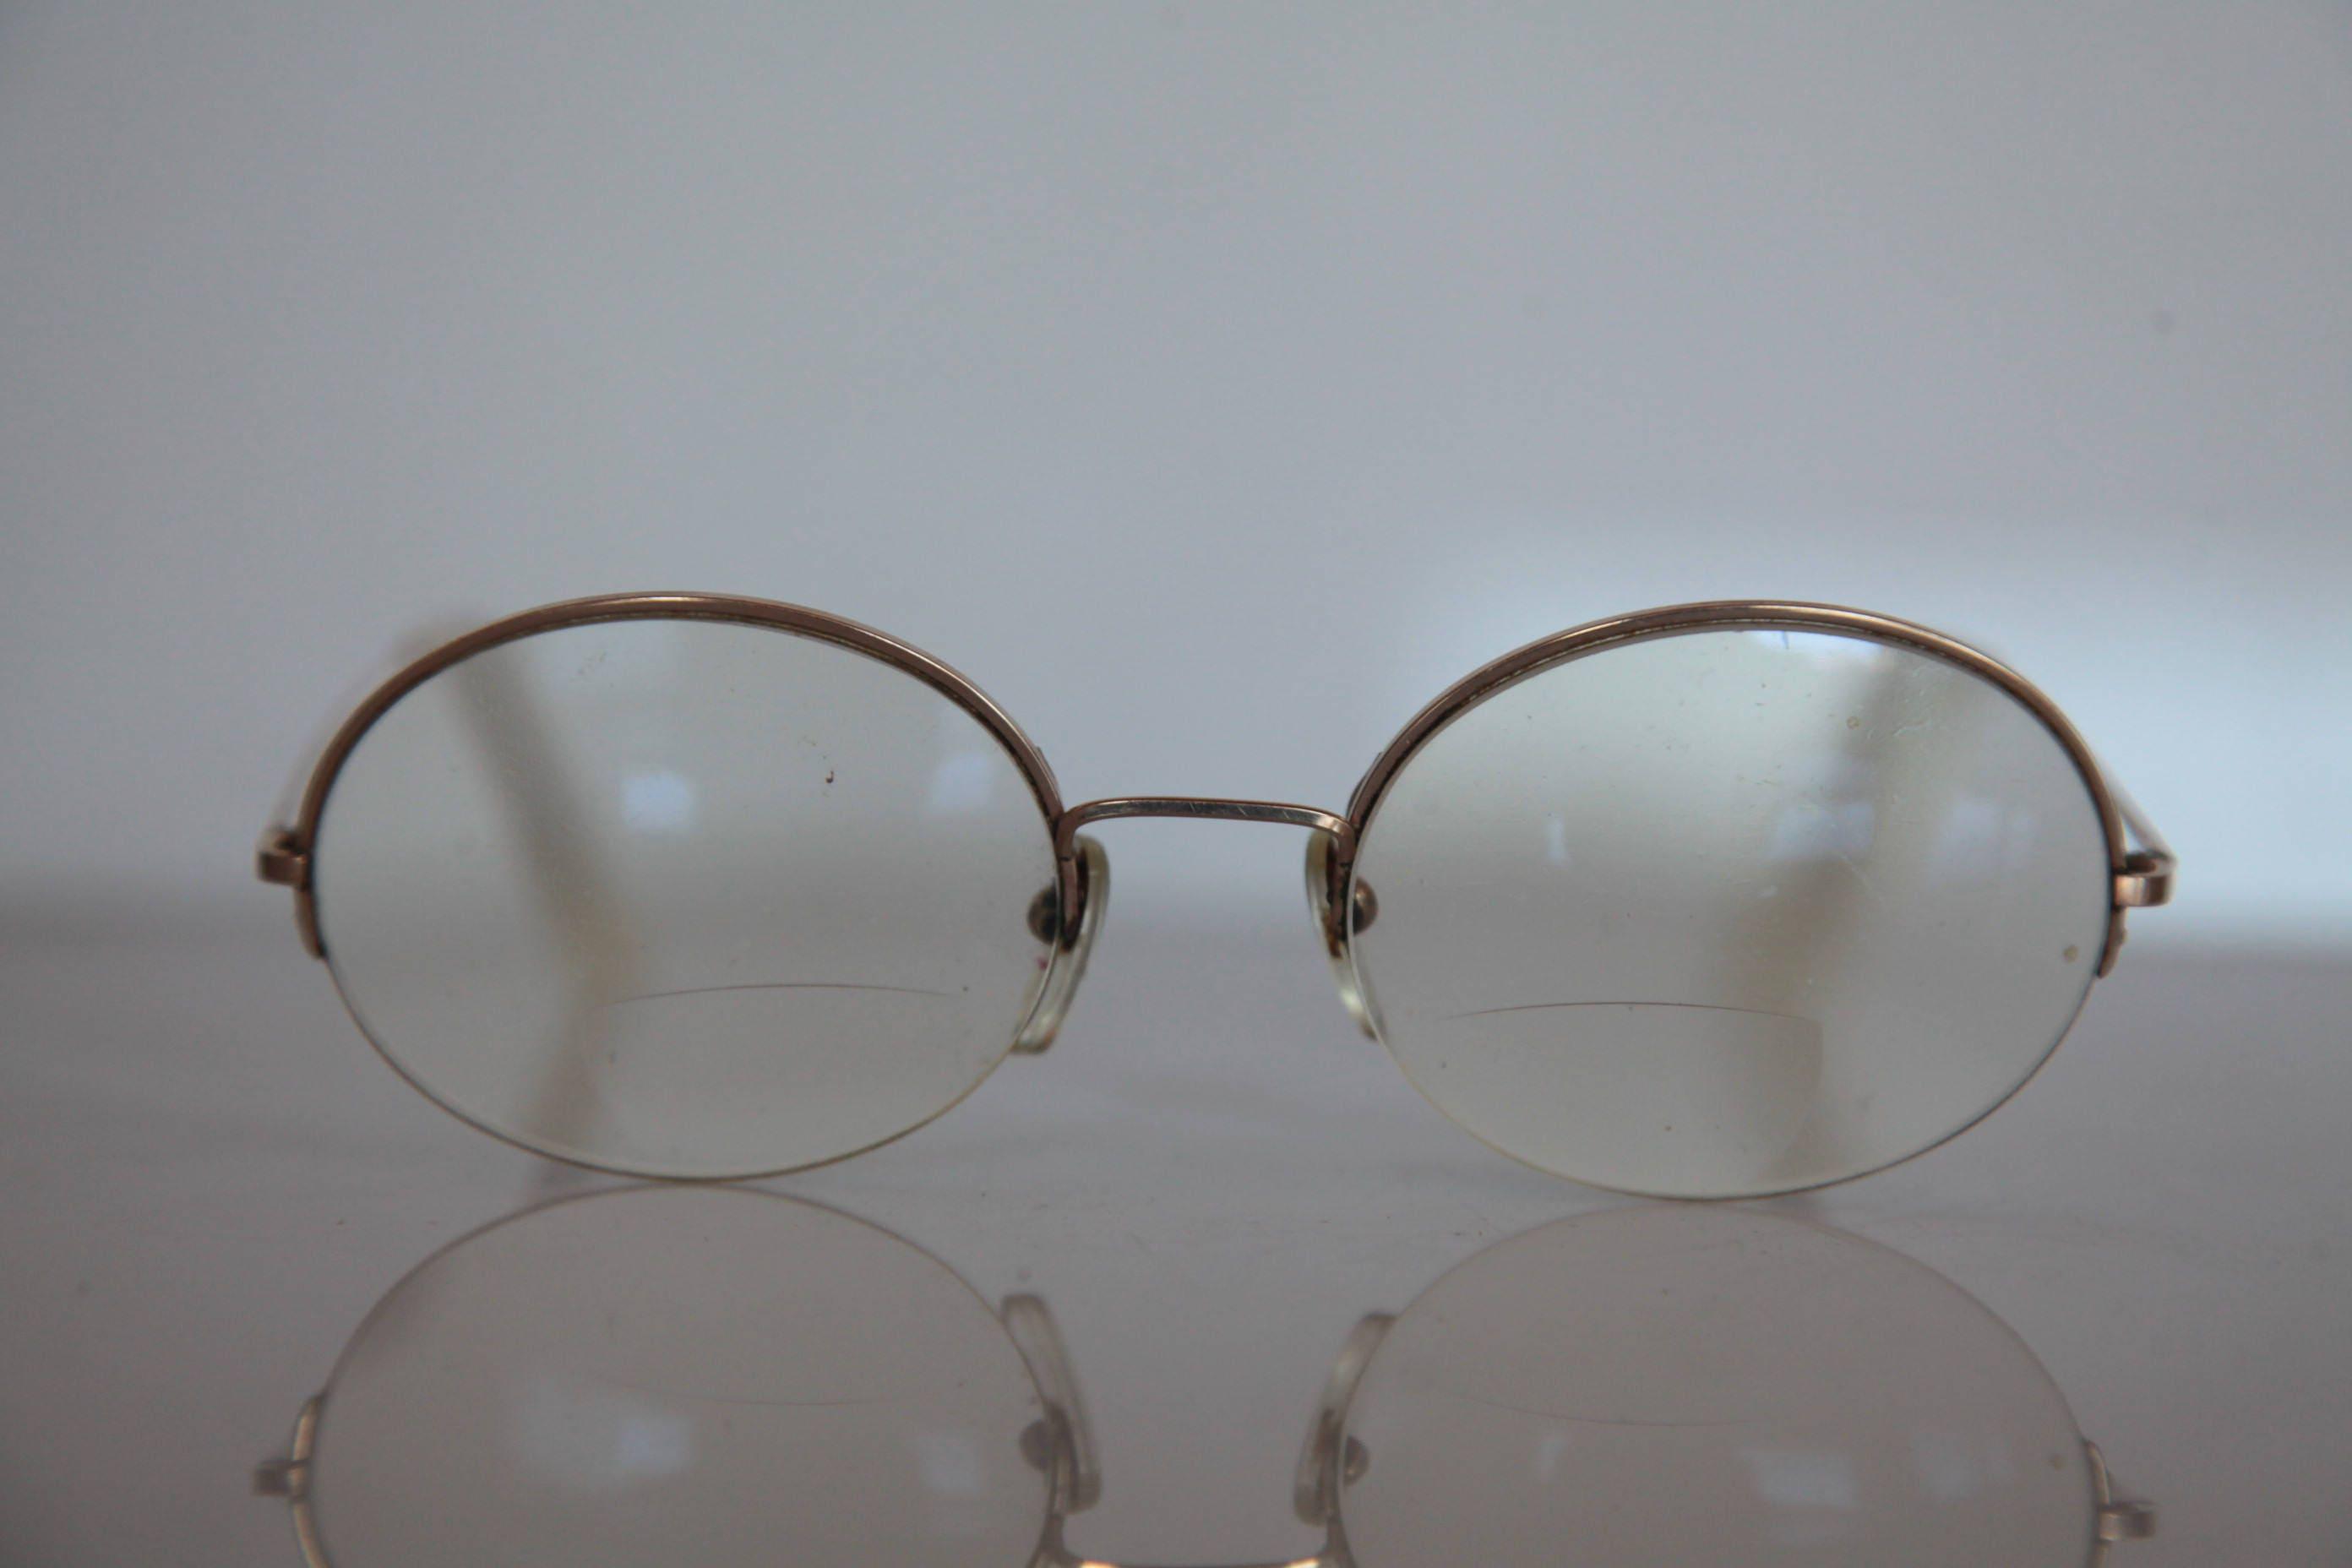 bcaa46cd4d Vintage LOGO PARIS Eyewear